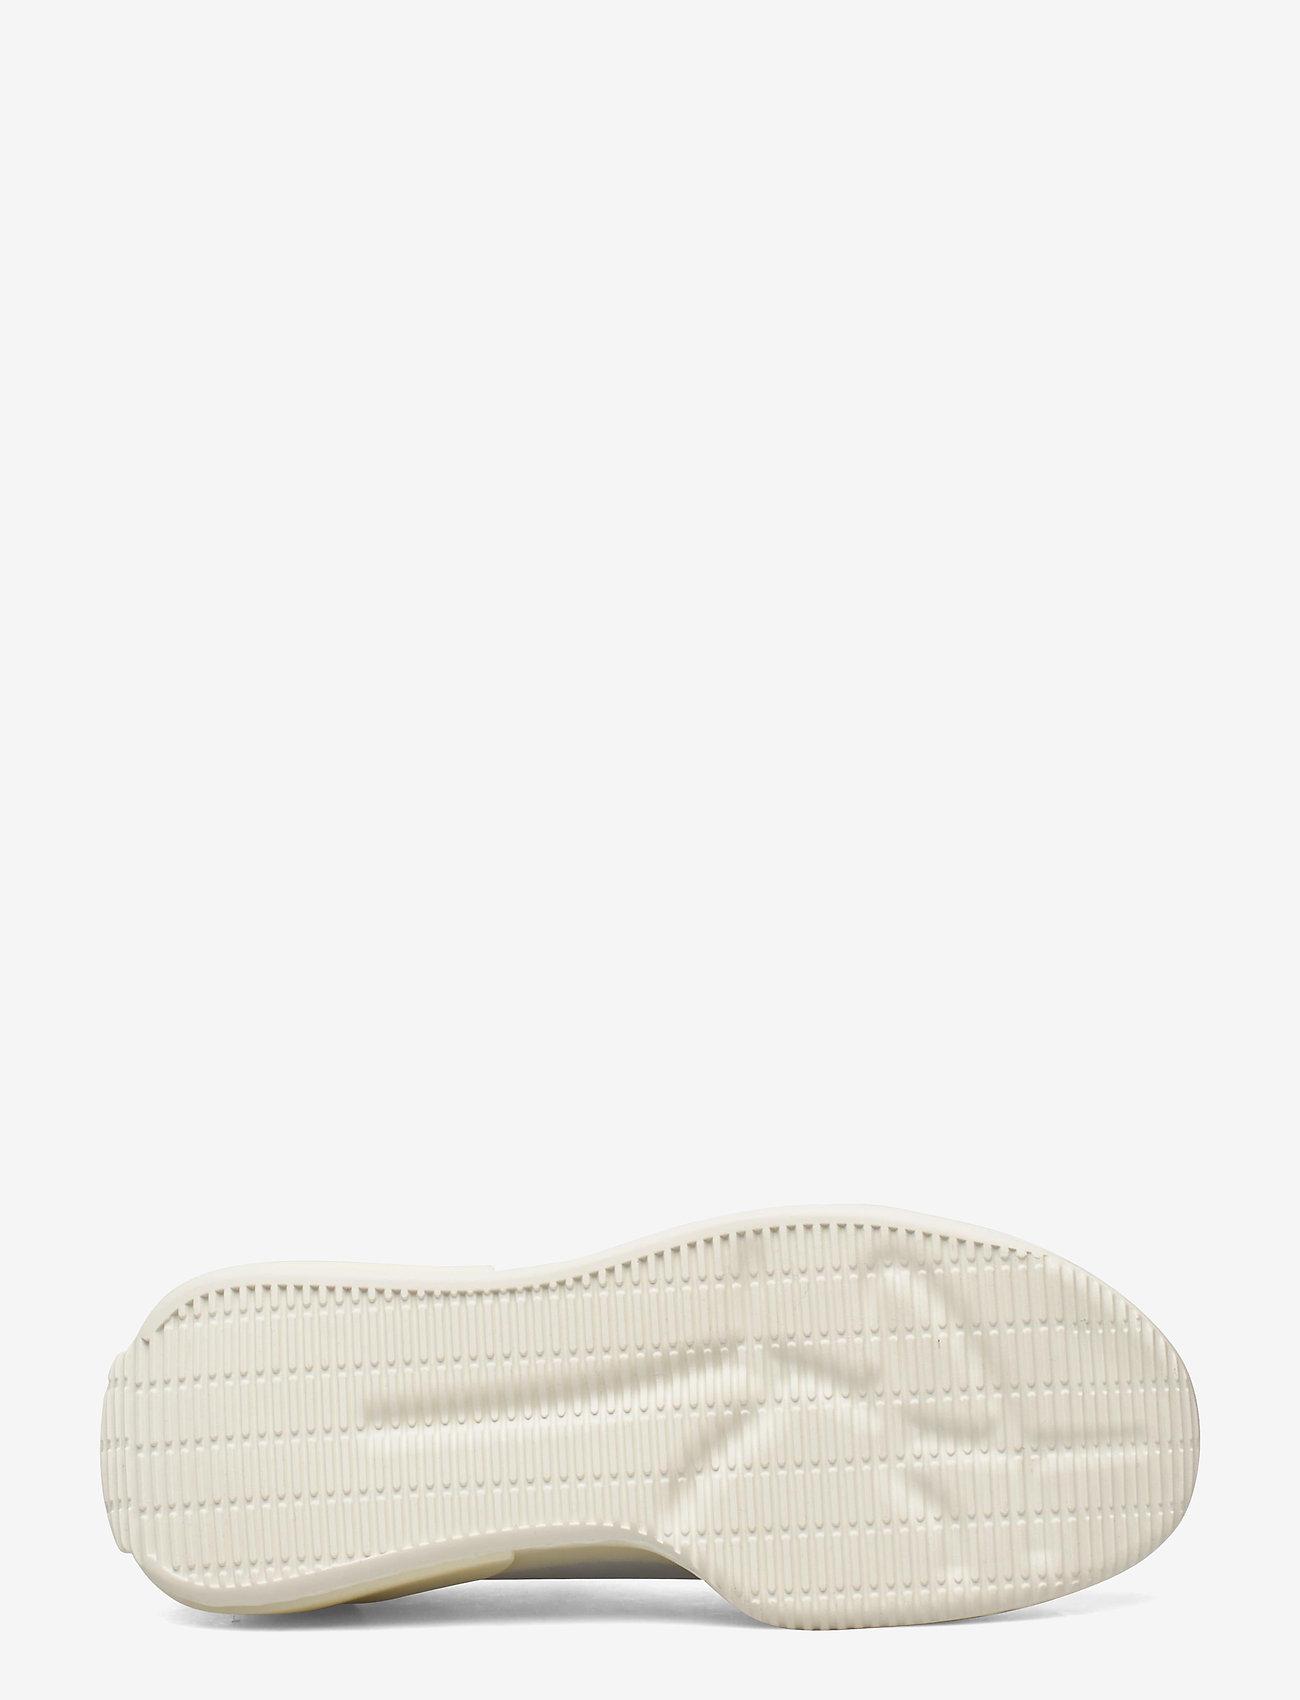 adidas by Stella McCartney - aSMC Treino - training shoes - ftwwht/ftwwht/ftwwht - 4